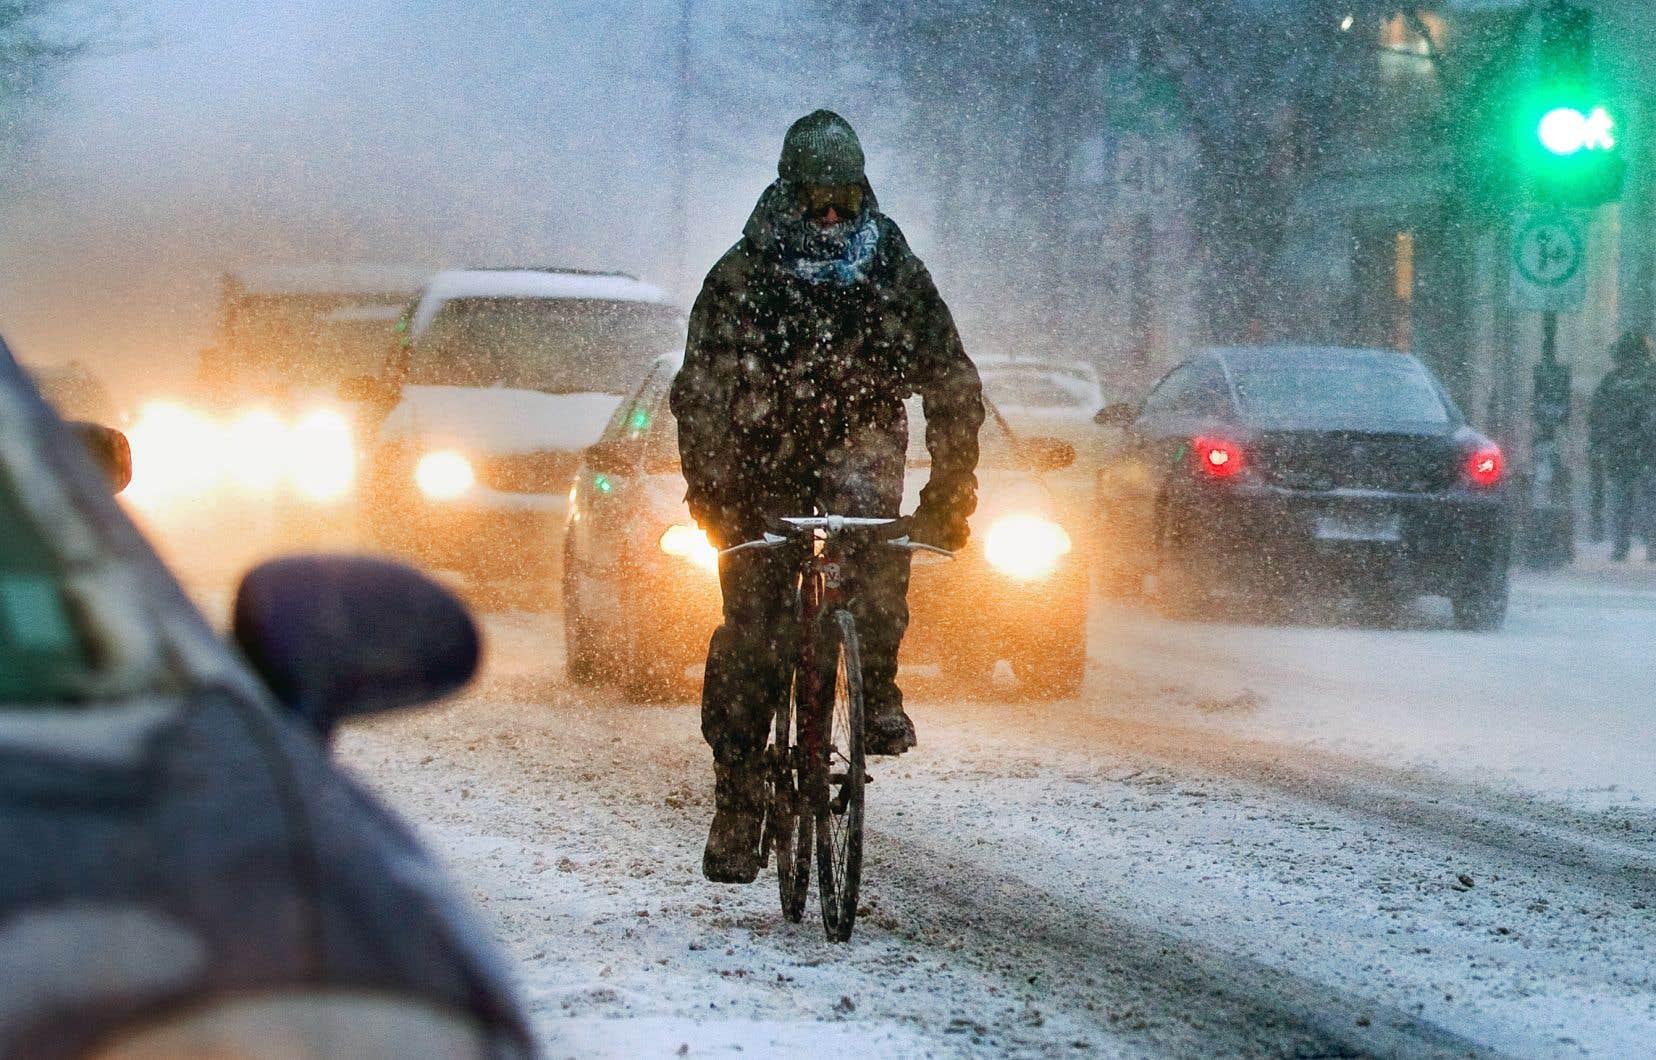 Environ 100000 cyclistes continueraient d'utiliser leur bicyclette à Montréal entre les mois de décembre et de mars, selon Vélo Québec.